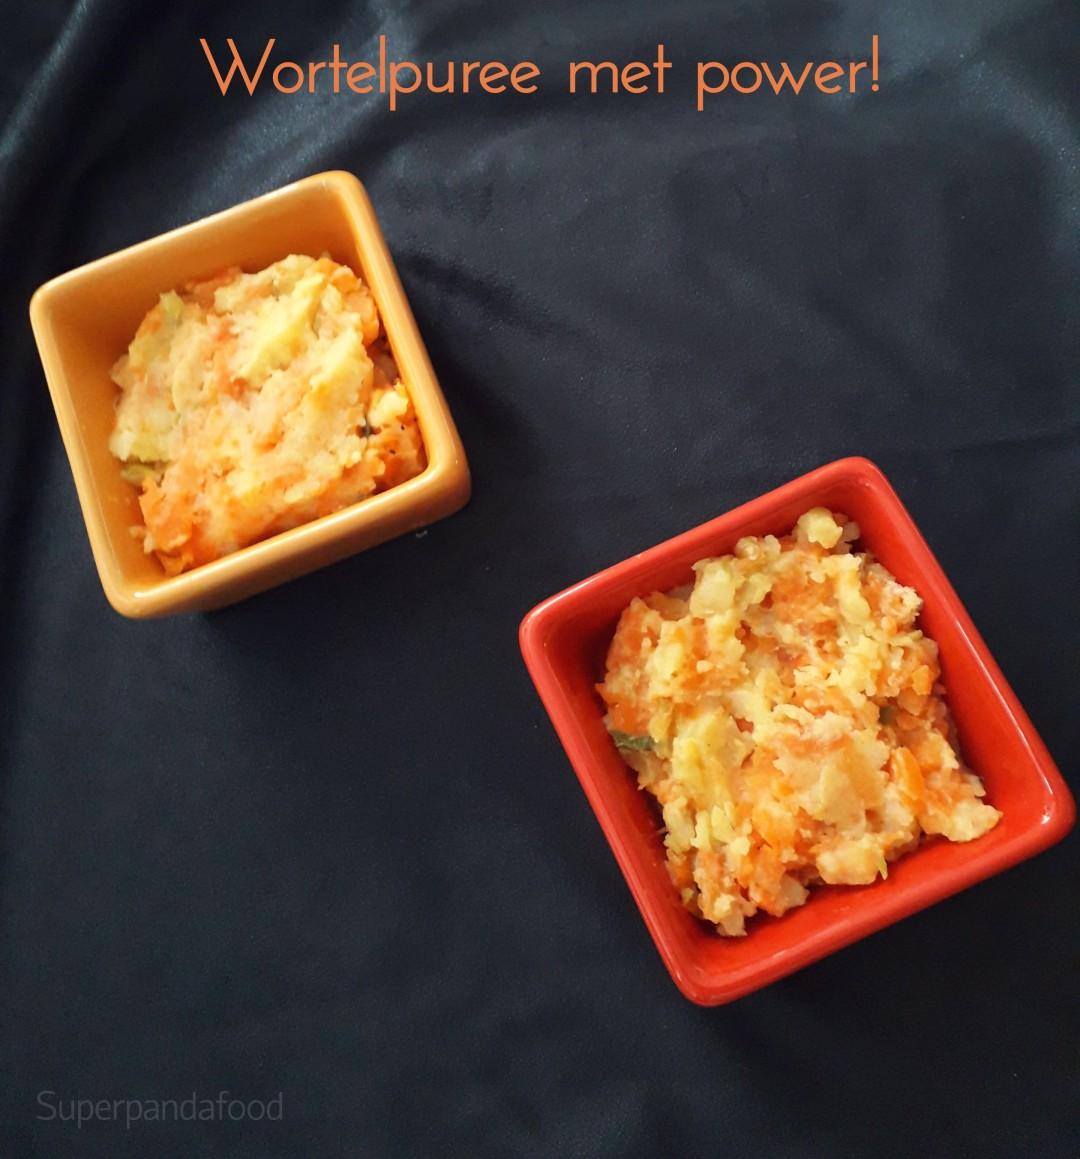 Wortelpuree met lente-ui en gember - Antivirale voeding - 5-elementen-koken